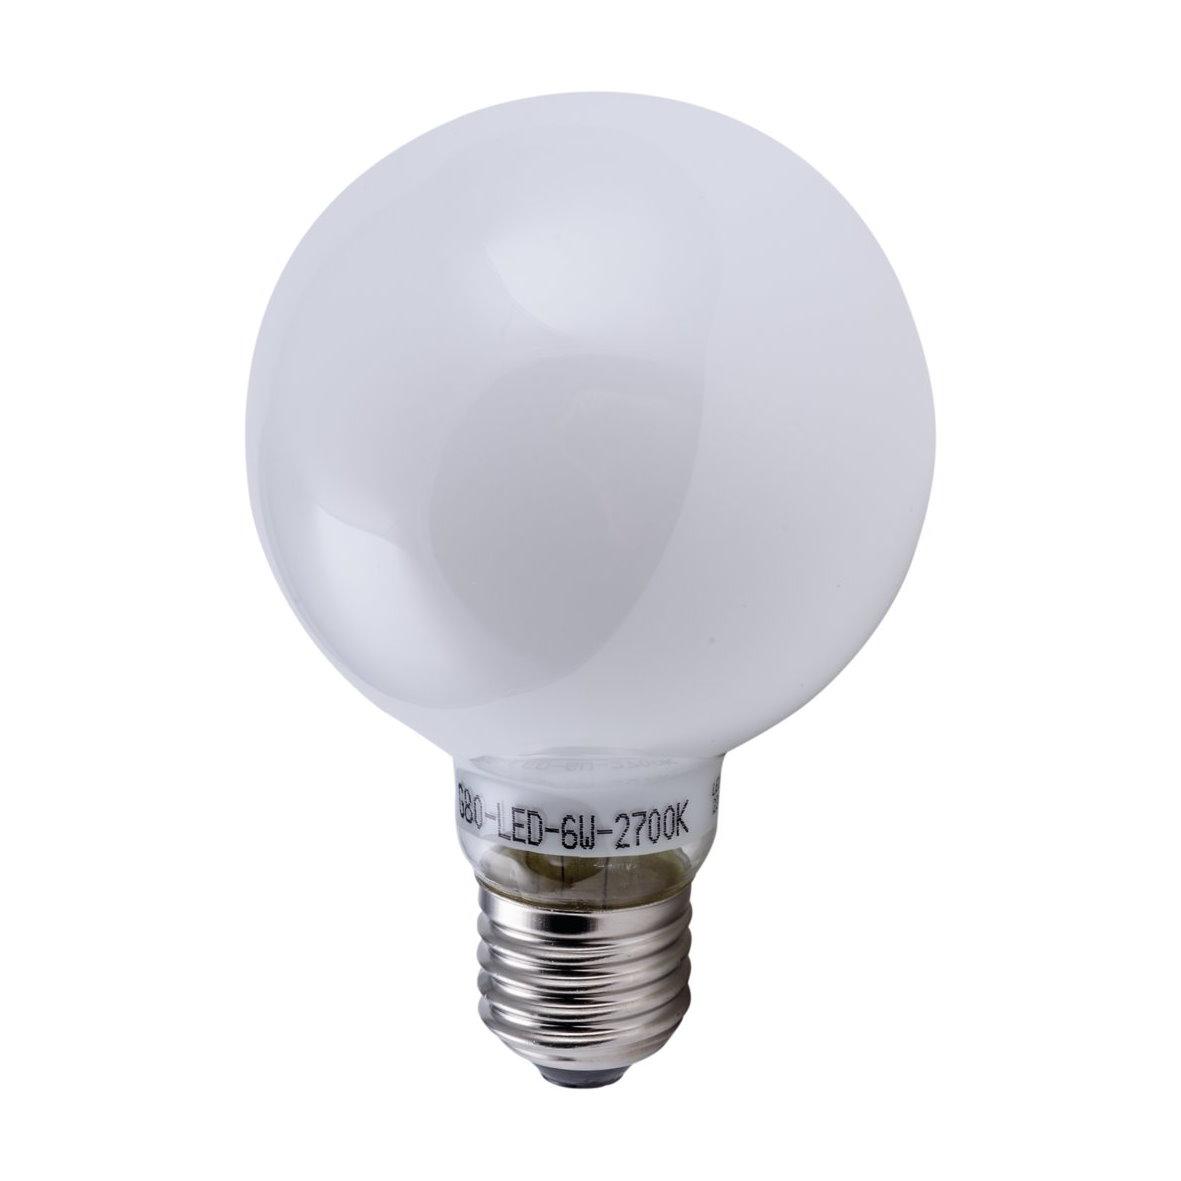 led smd leuchtmittel globe spot birne lampe tropfen kugel. Black Bedroom Furniture Sets. Home Design Ideas